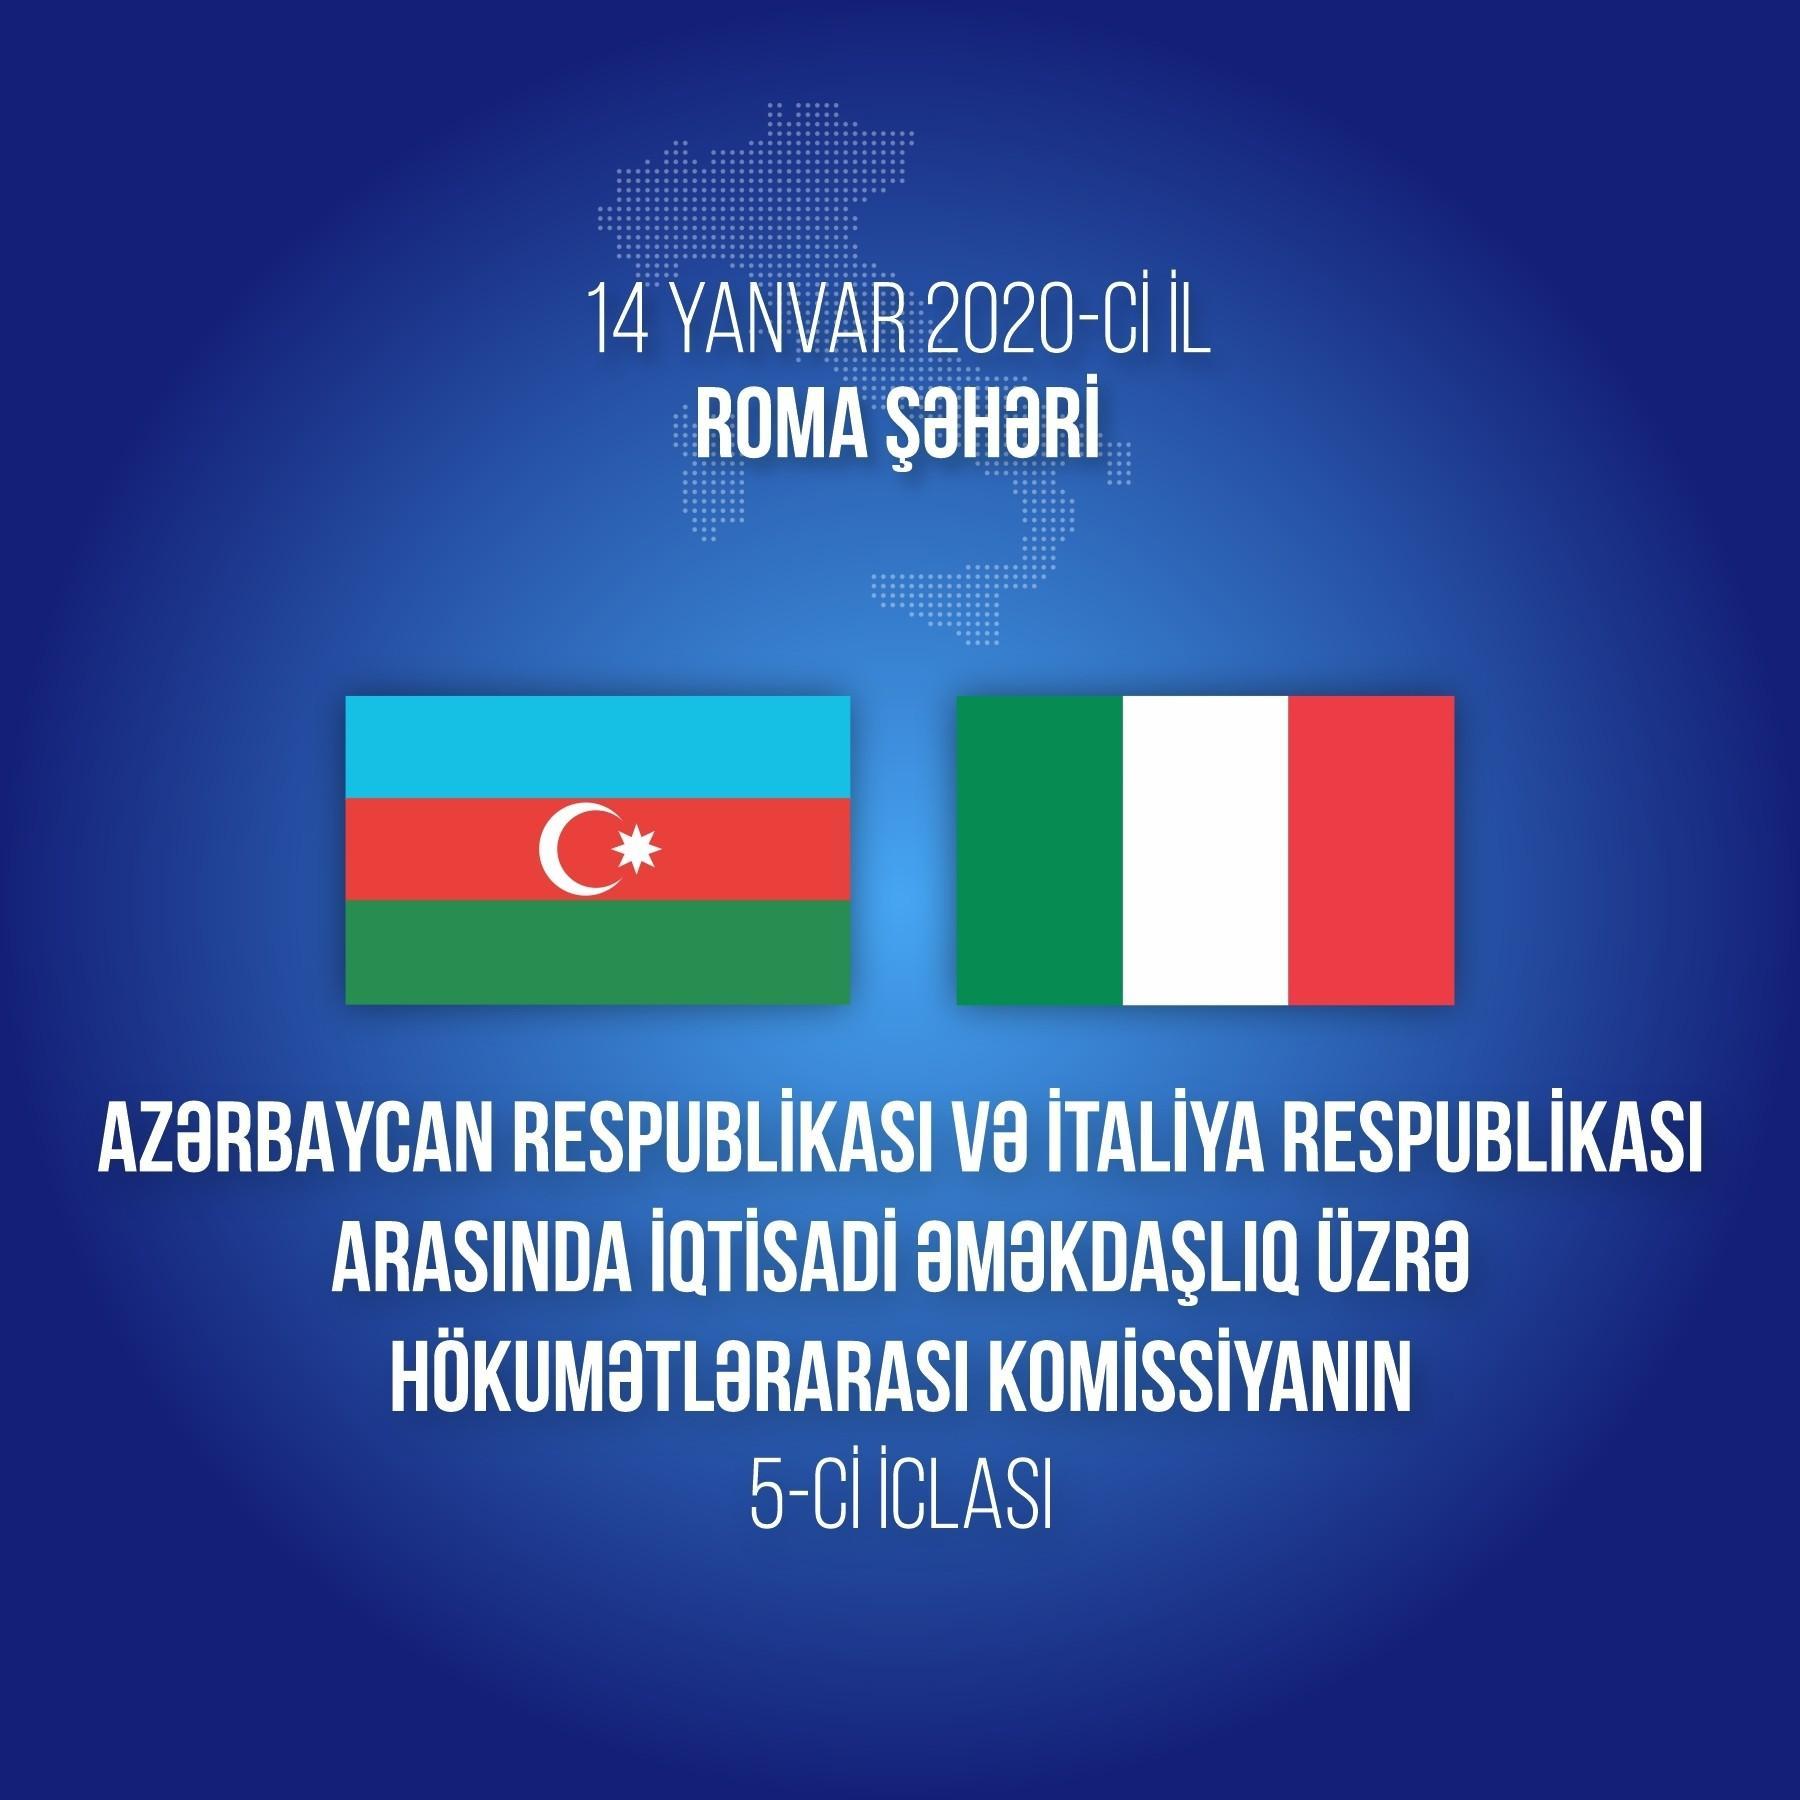 Azərbaycan-İtaliya Hökumətlərarası Komissiyasının iclası keçiriləcək